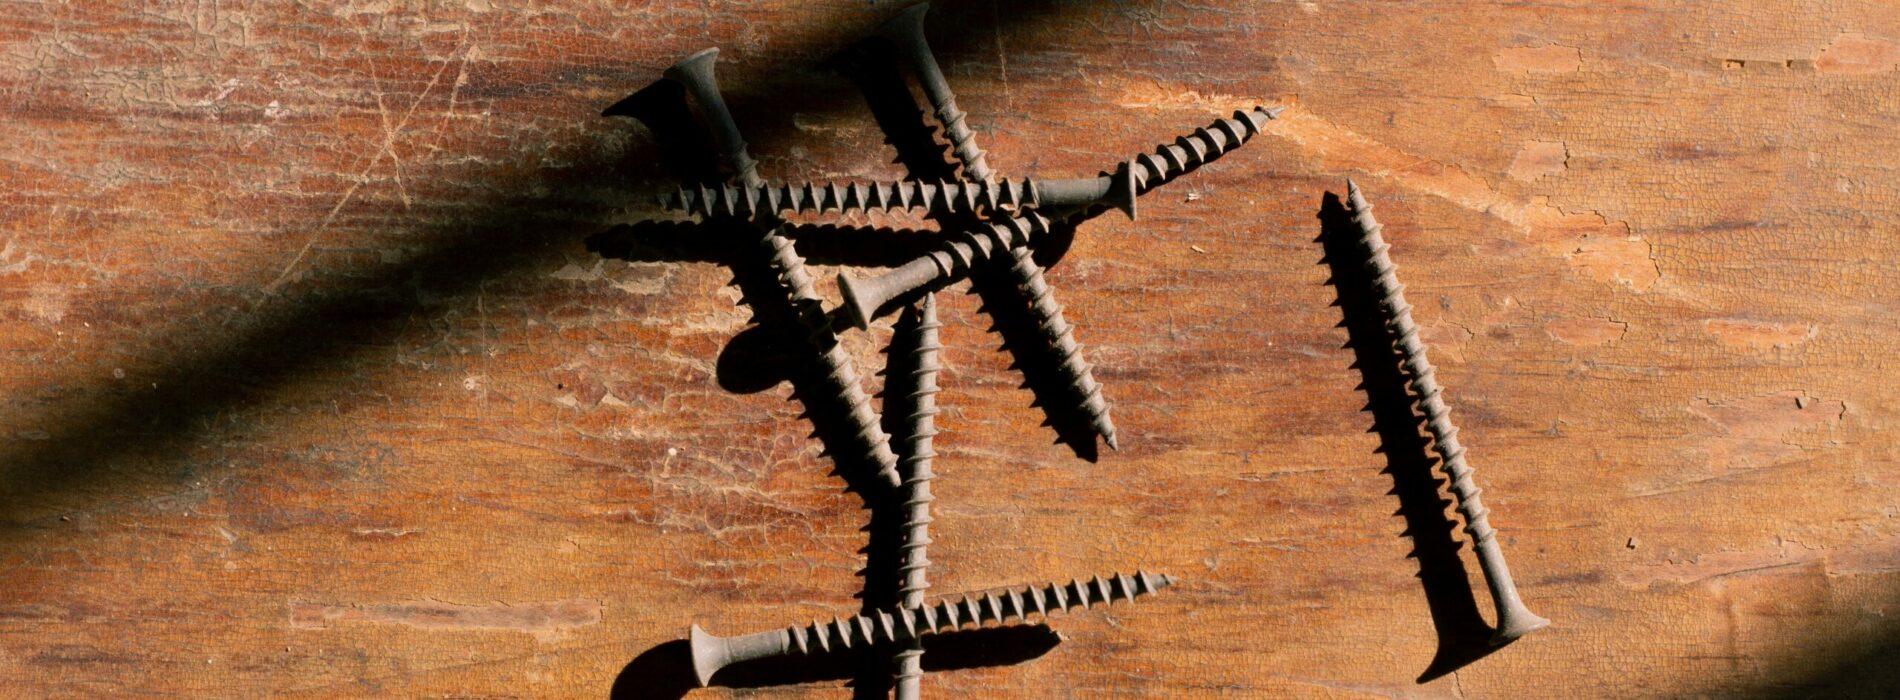 Jak poradzić sobie z zardzewiałymi nakrętkami lub śrubami?